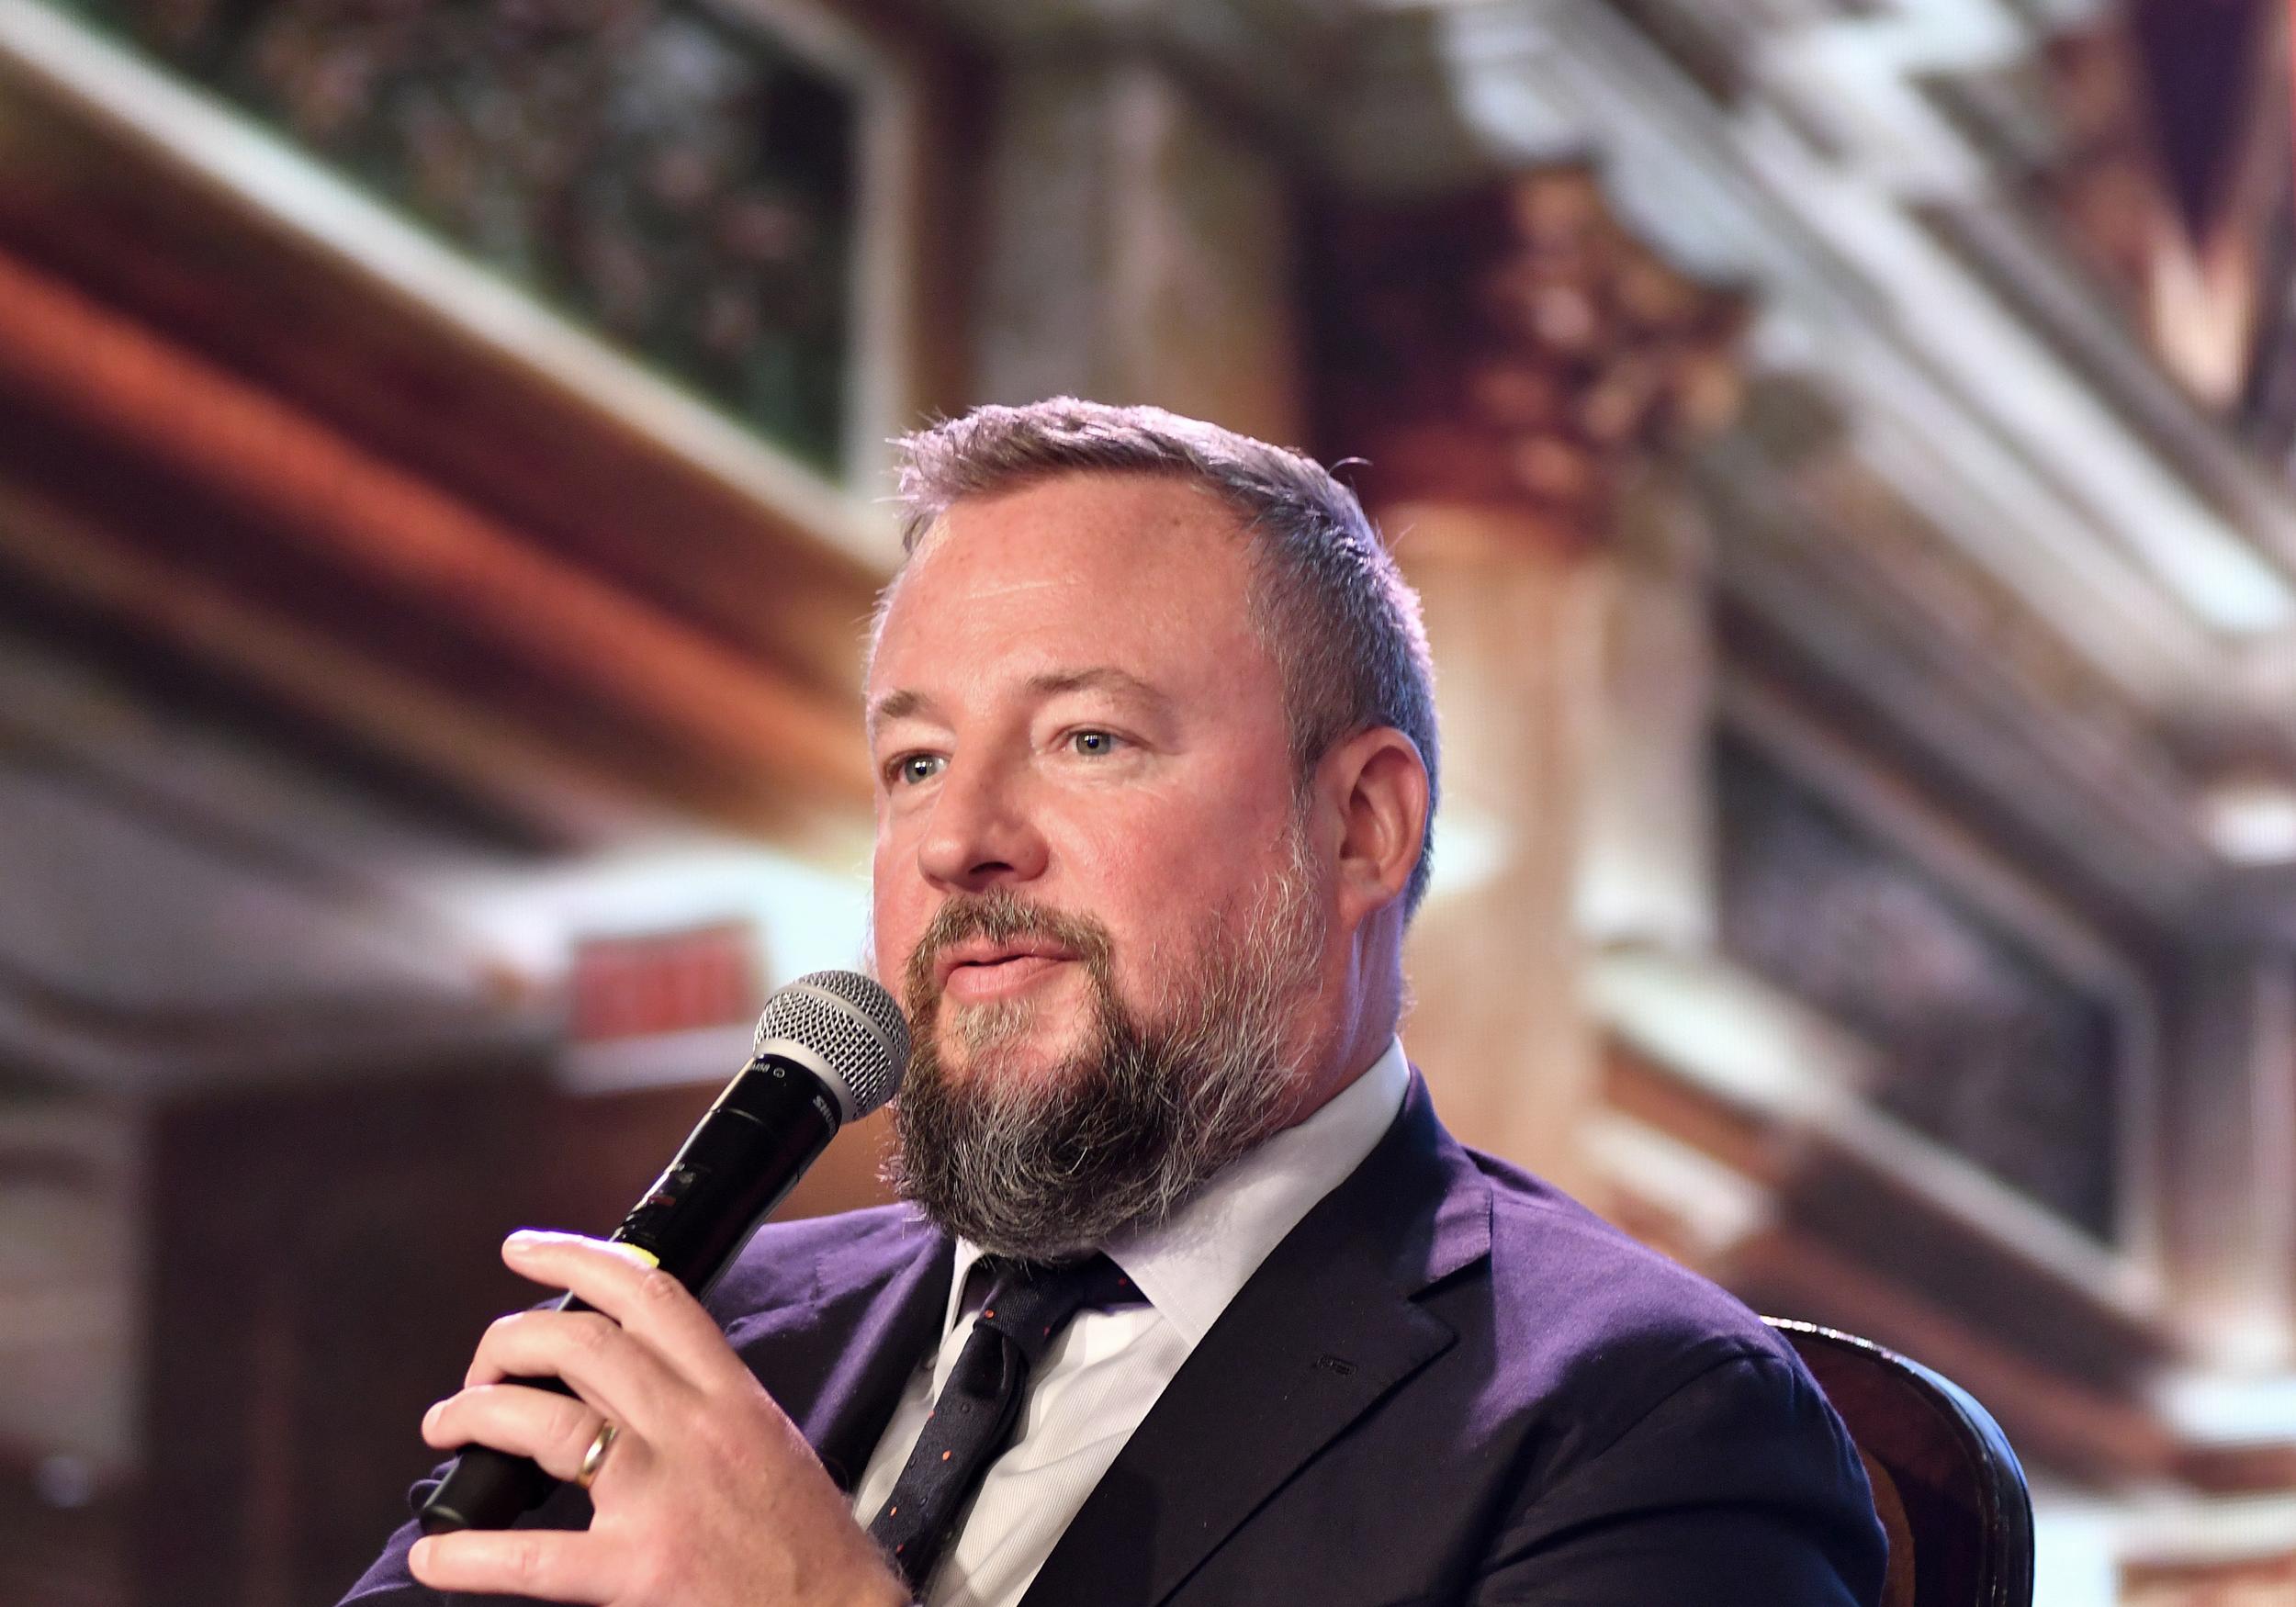 Vice-Media's-brash-CEO-resigns,-A+E-Networks-chief-steps-up